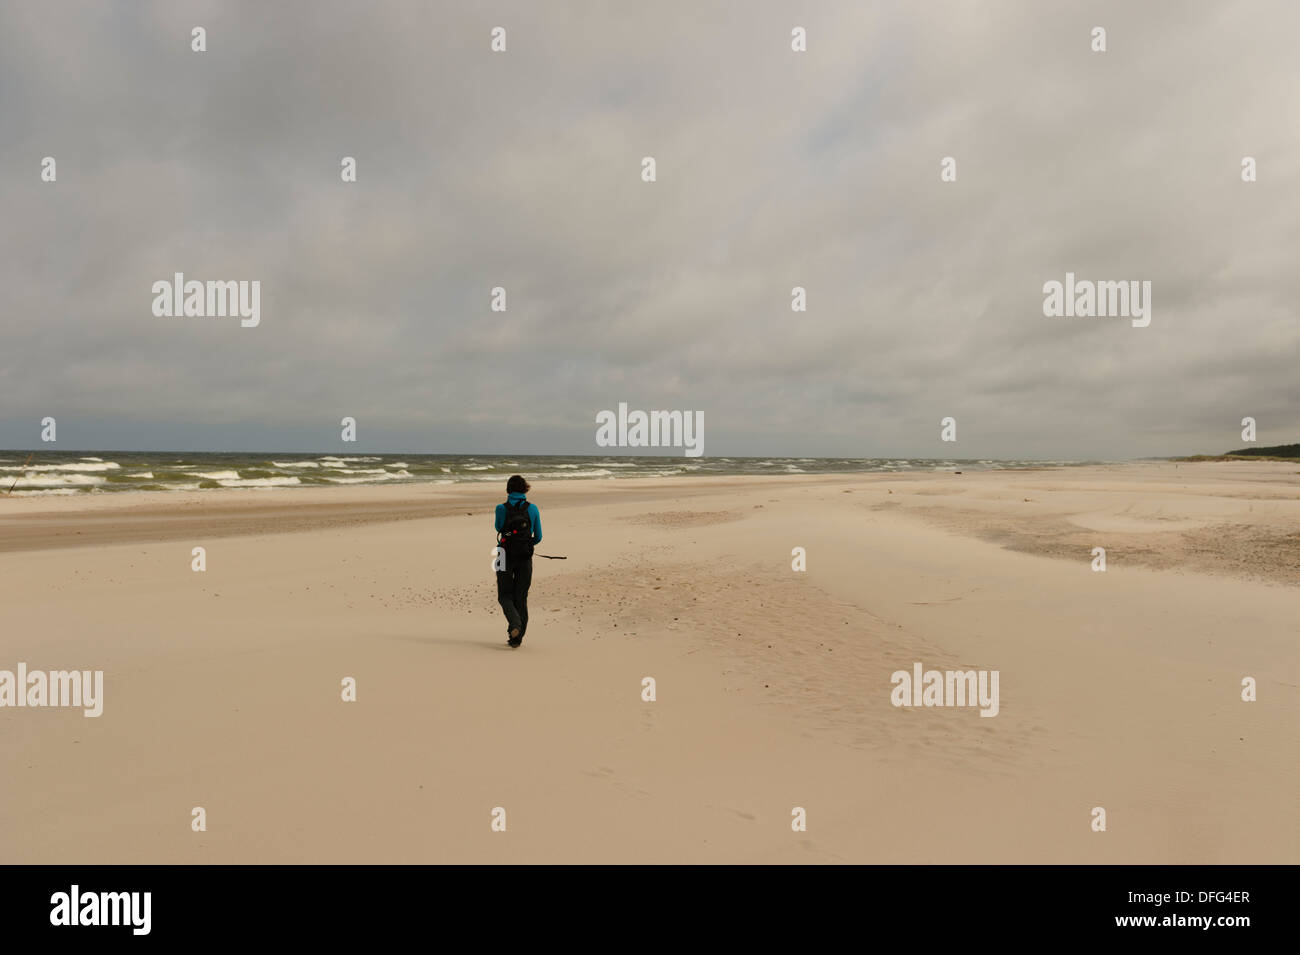 Una mujer camina por la playa de arena blanca del Parque Nacional Slowinski, en Polonia. Foto de stock